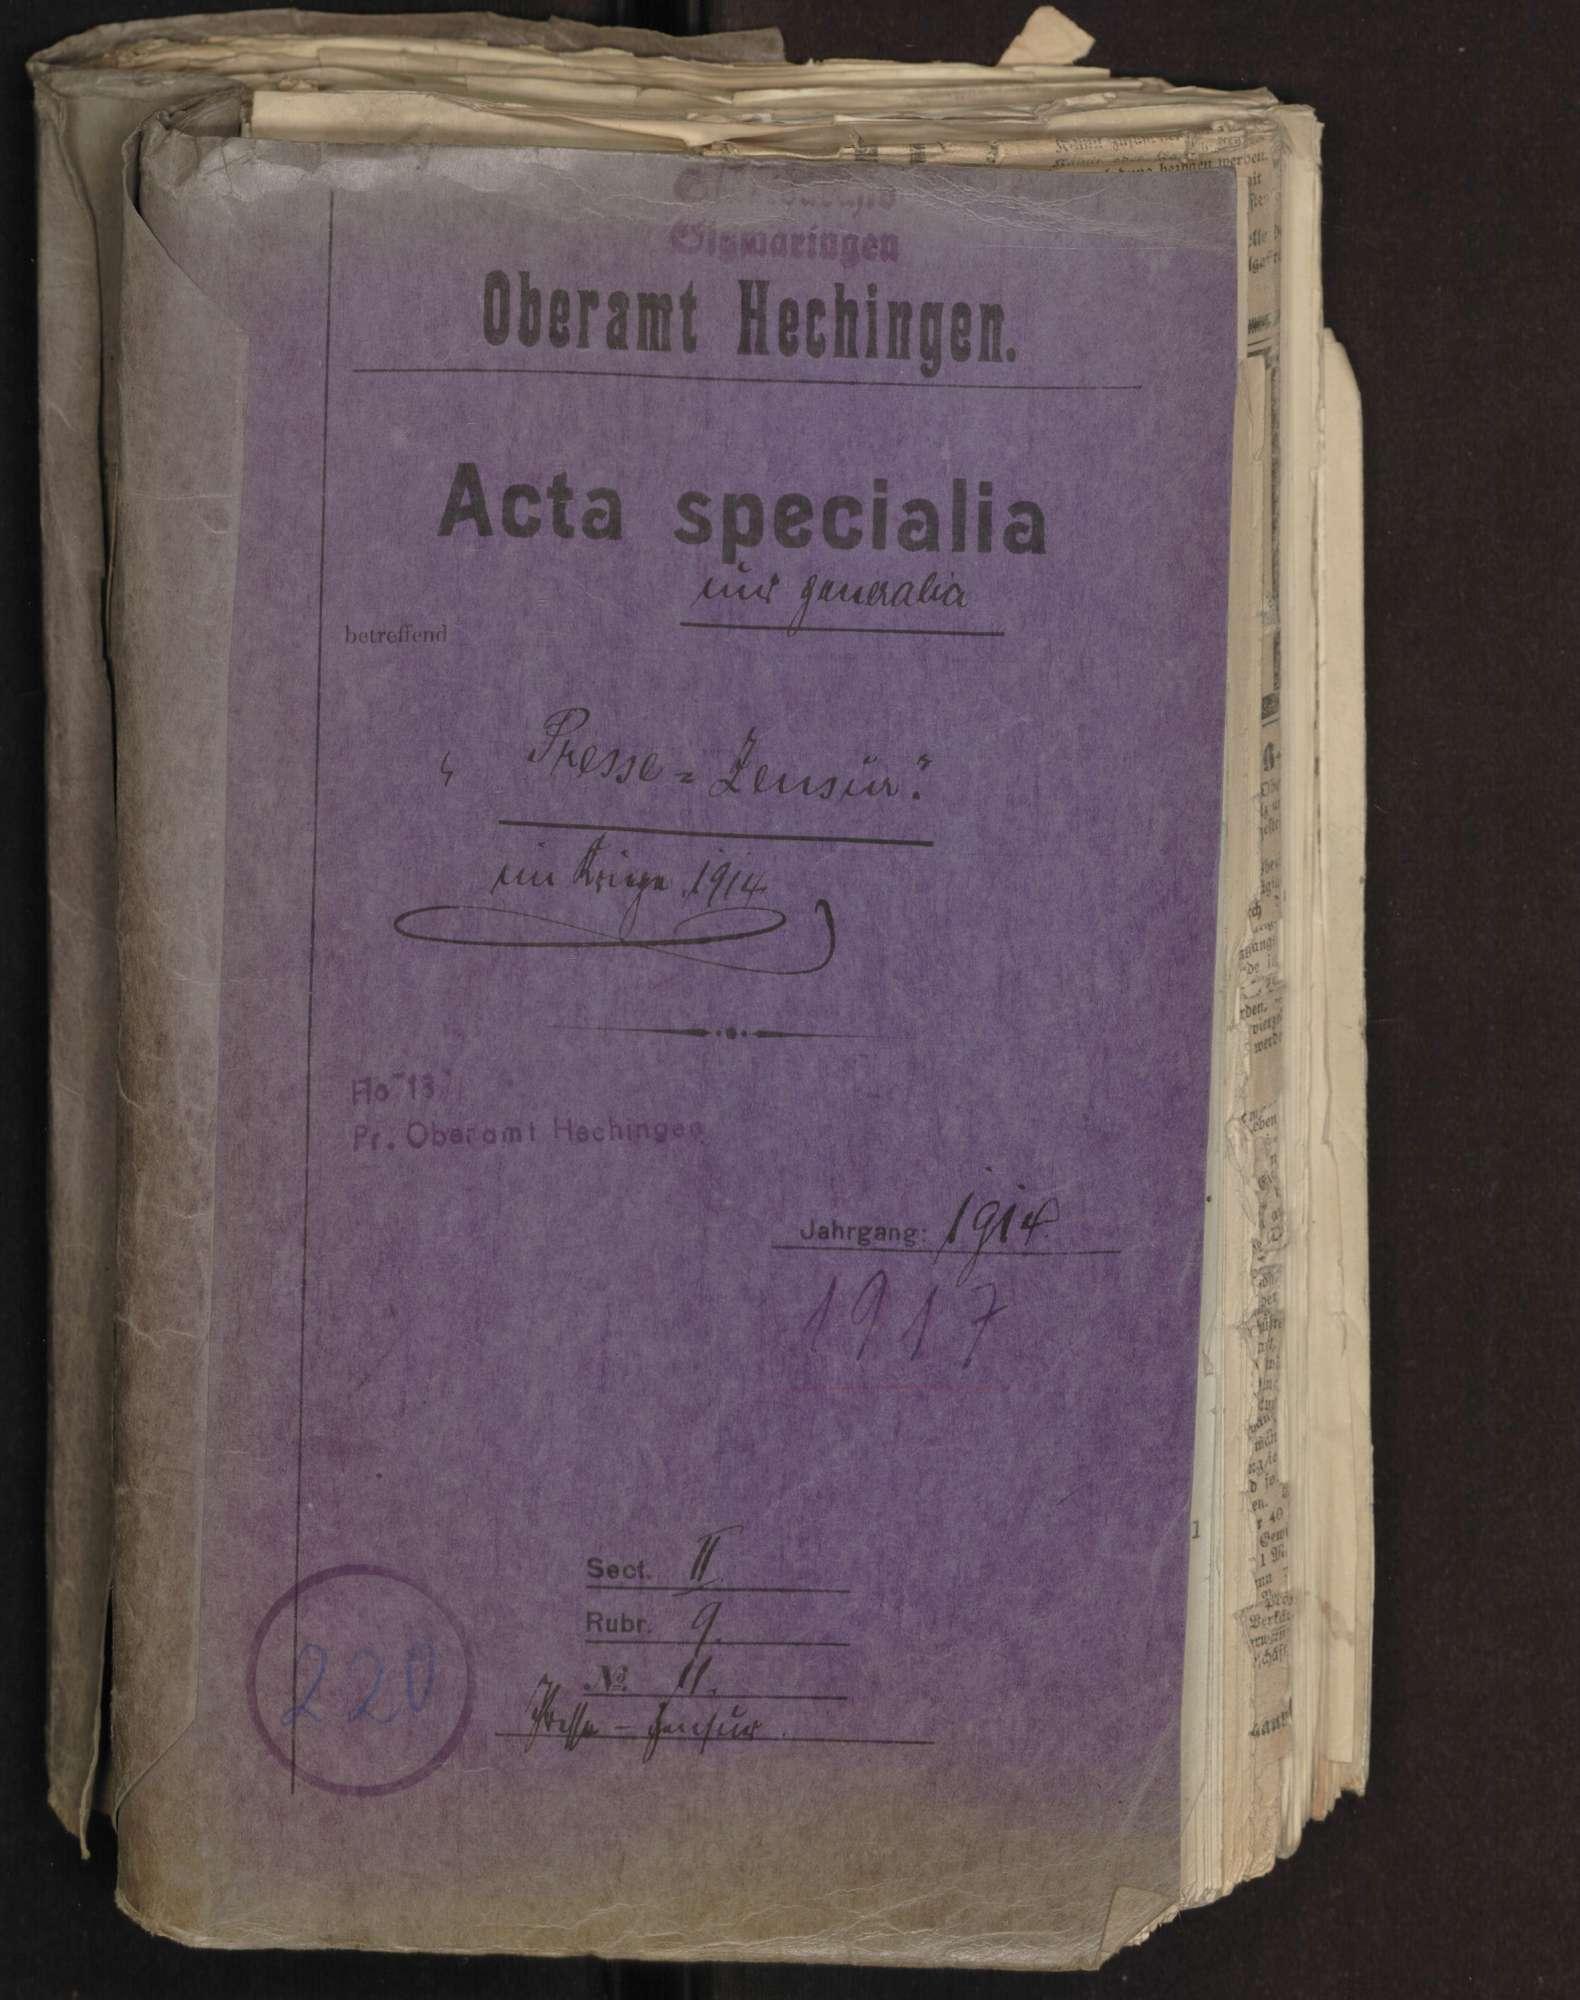 Presse-Zensur im Kriege 1914 - 1918 mit Weisungen für die Presse, Bild 1